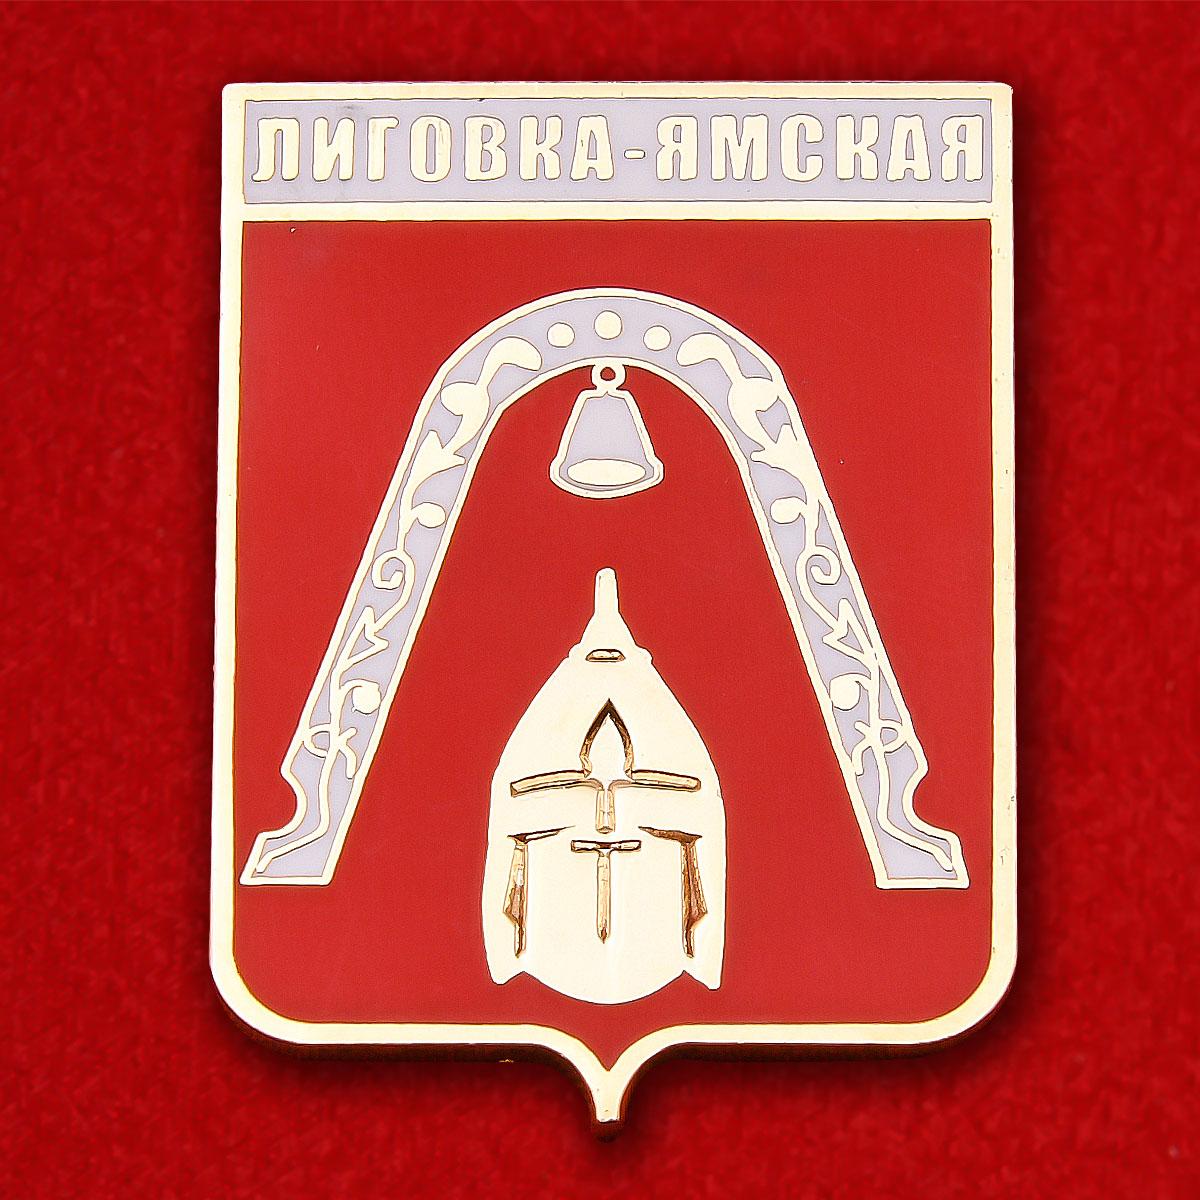 """Значок """"Лиговка-Ямская"""""""